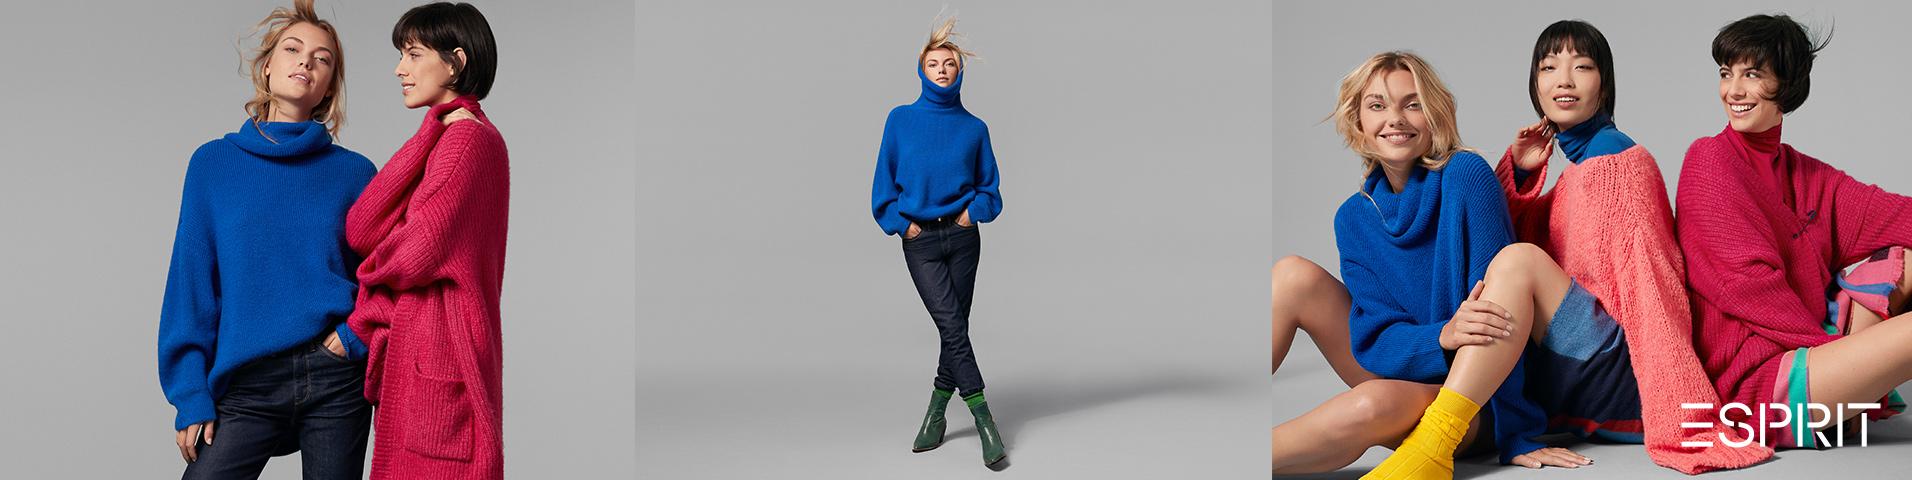 7060f931899e Esprit Mantel für Damen als Must-Have im Kleiderschrank   bei ZALANDO